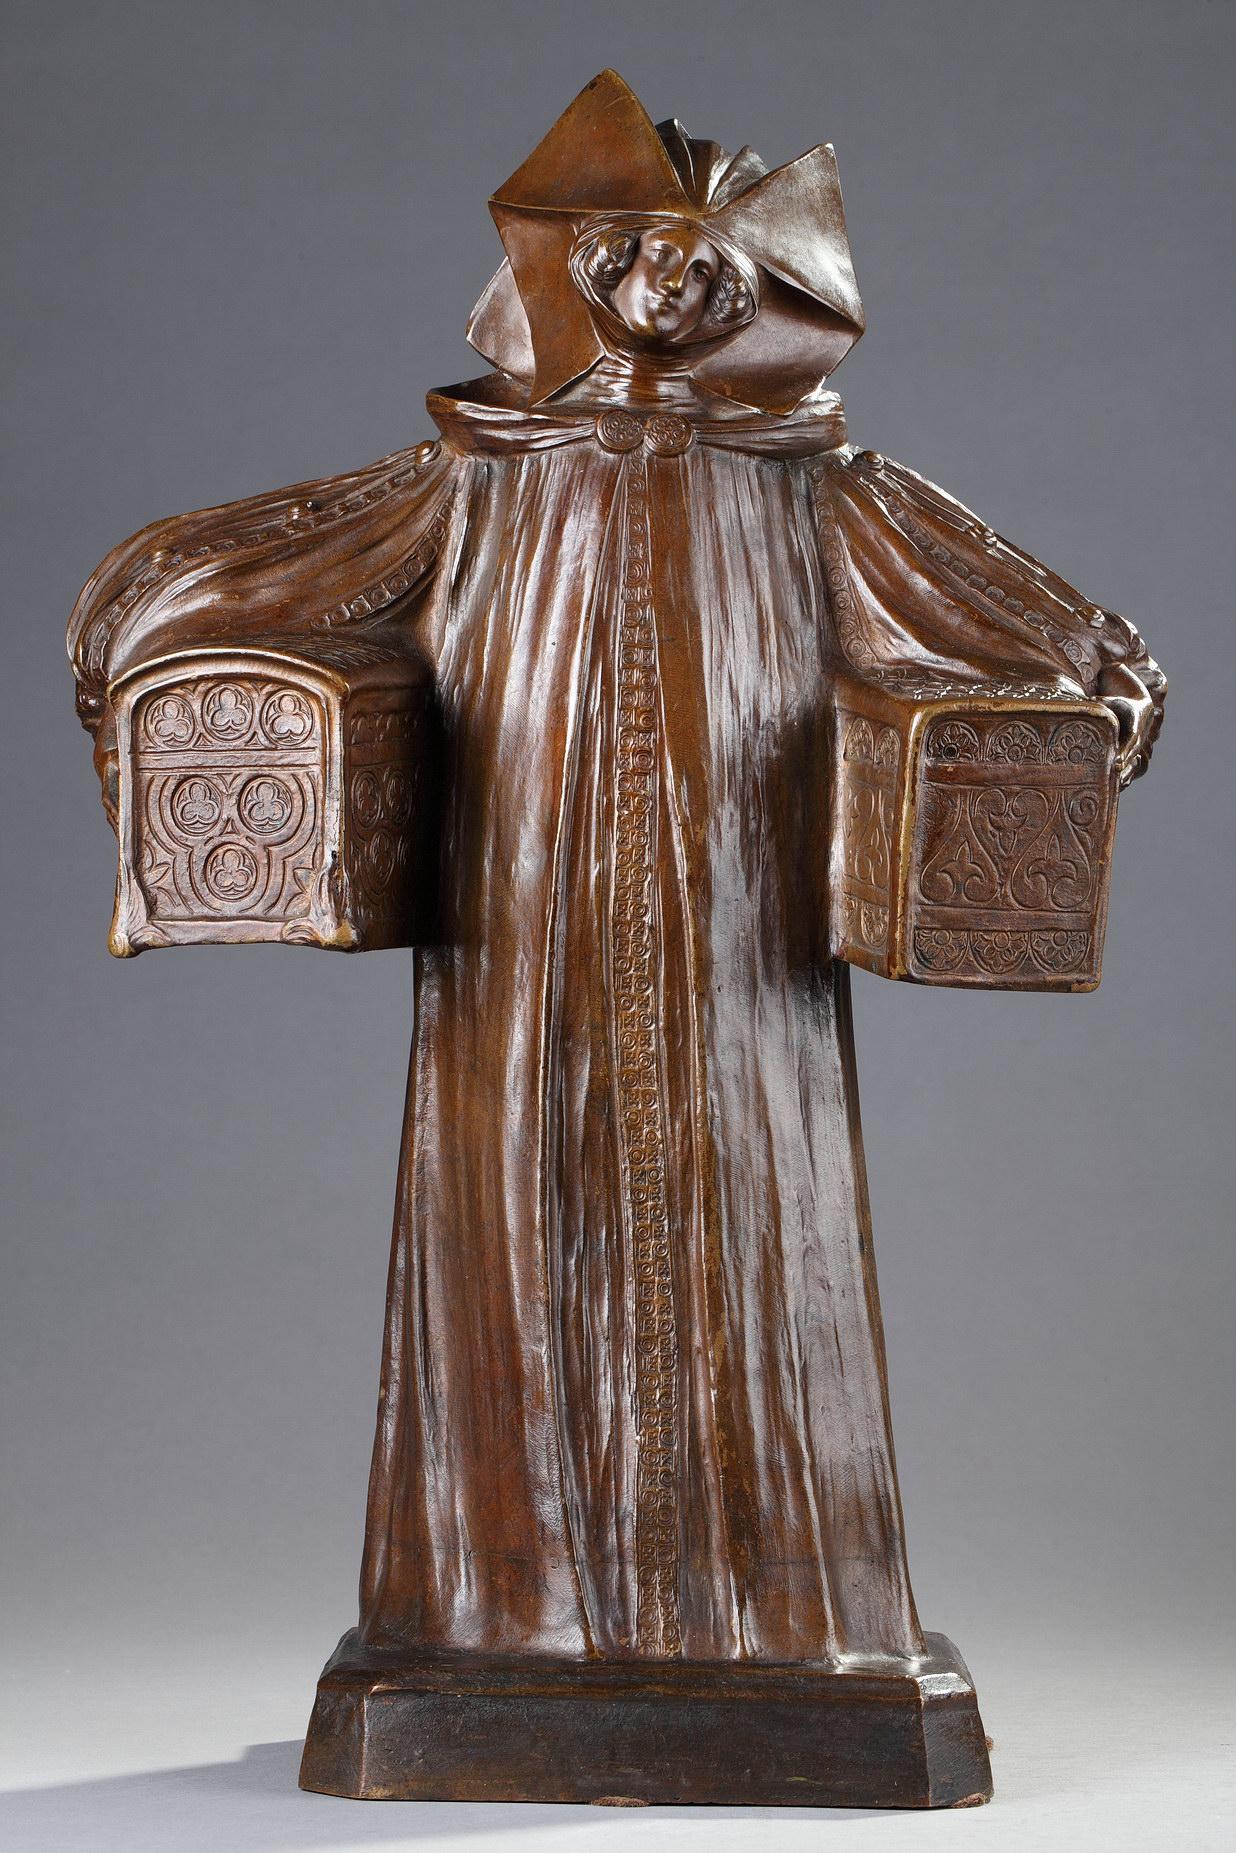 """Léo Laporte-Blairsy (1865-1923), """"Femme aux Coffrets"""", bronze à patine marron clair nuancé, fonte ancienne, haut. 46,5 cm, sculptures - galerie Tourbillon, Paris"""